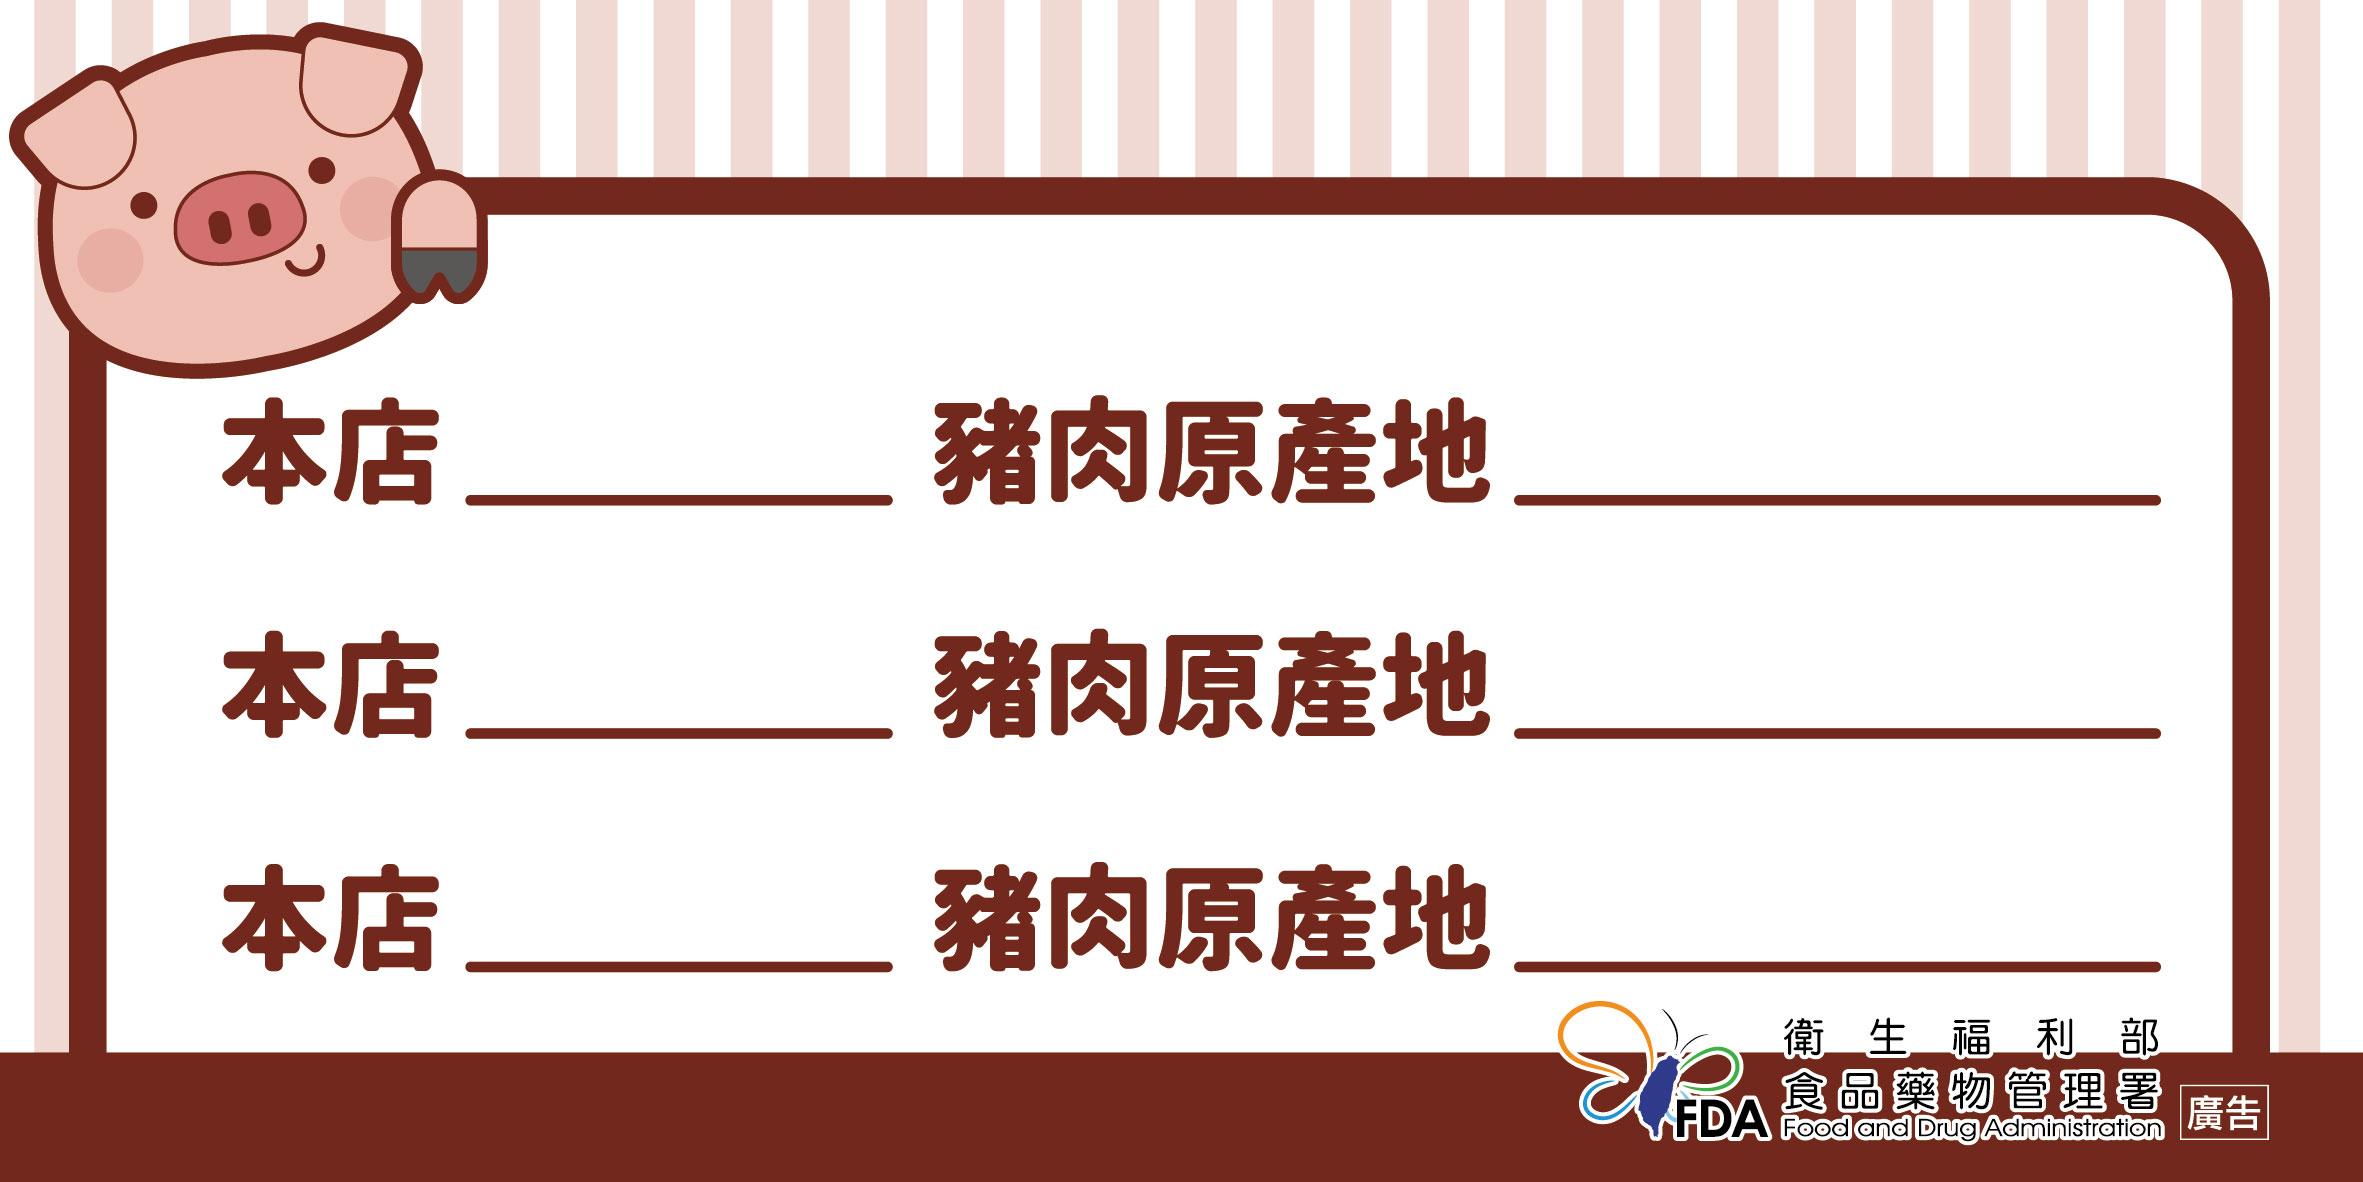 豬肉原料原產地標示規定宣導-標籤2